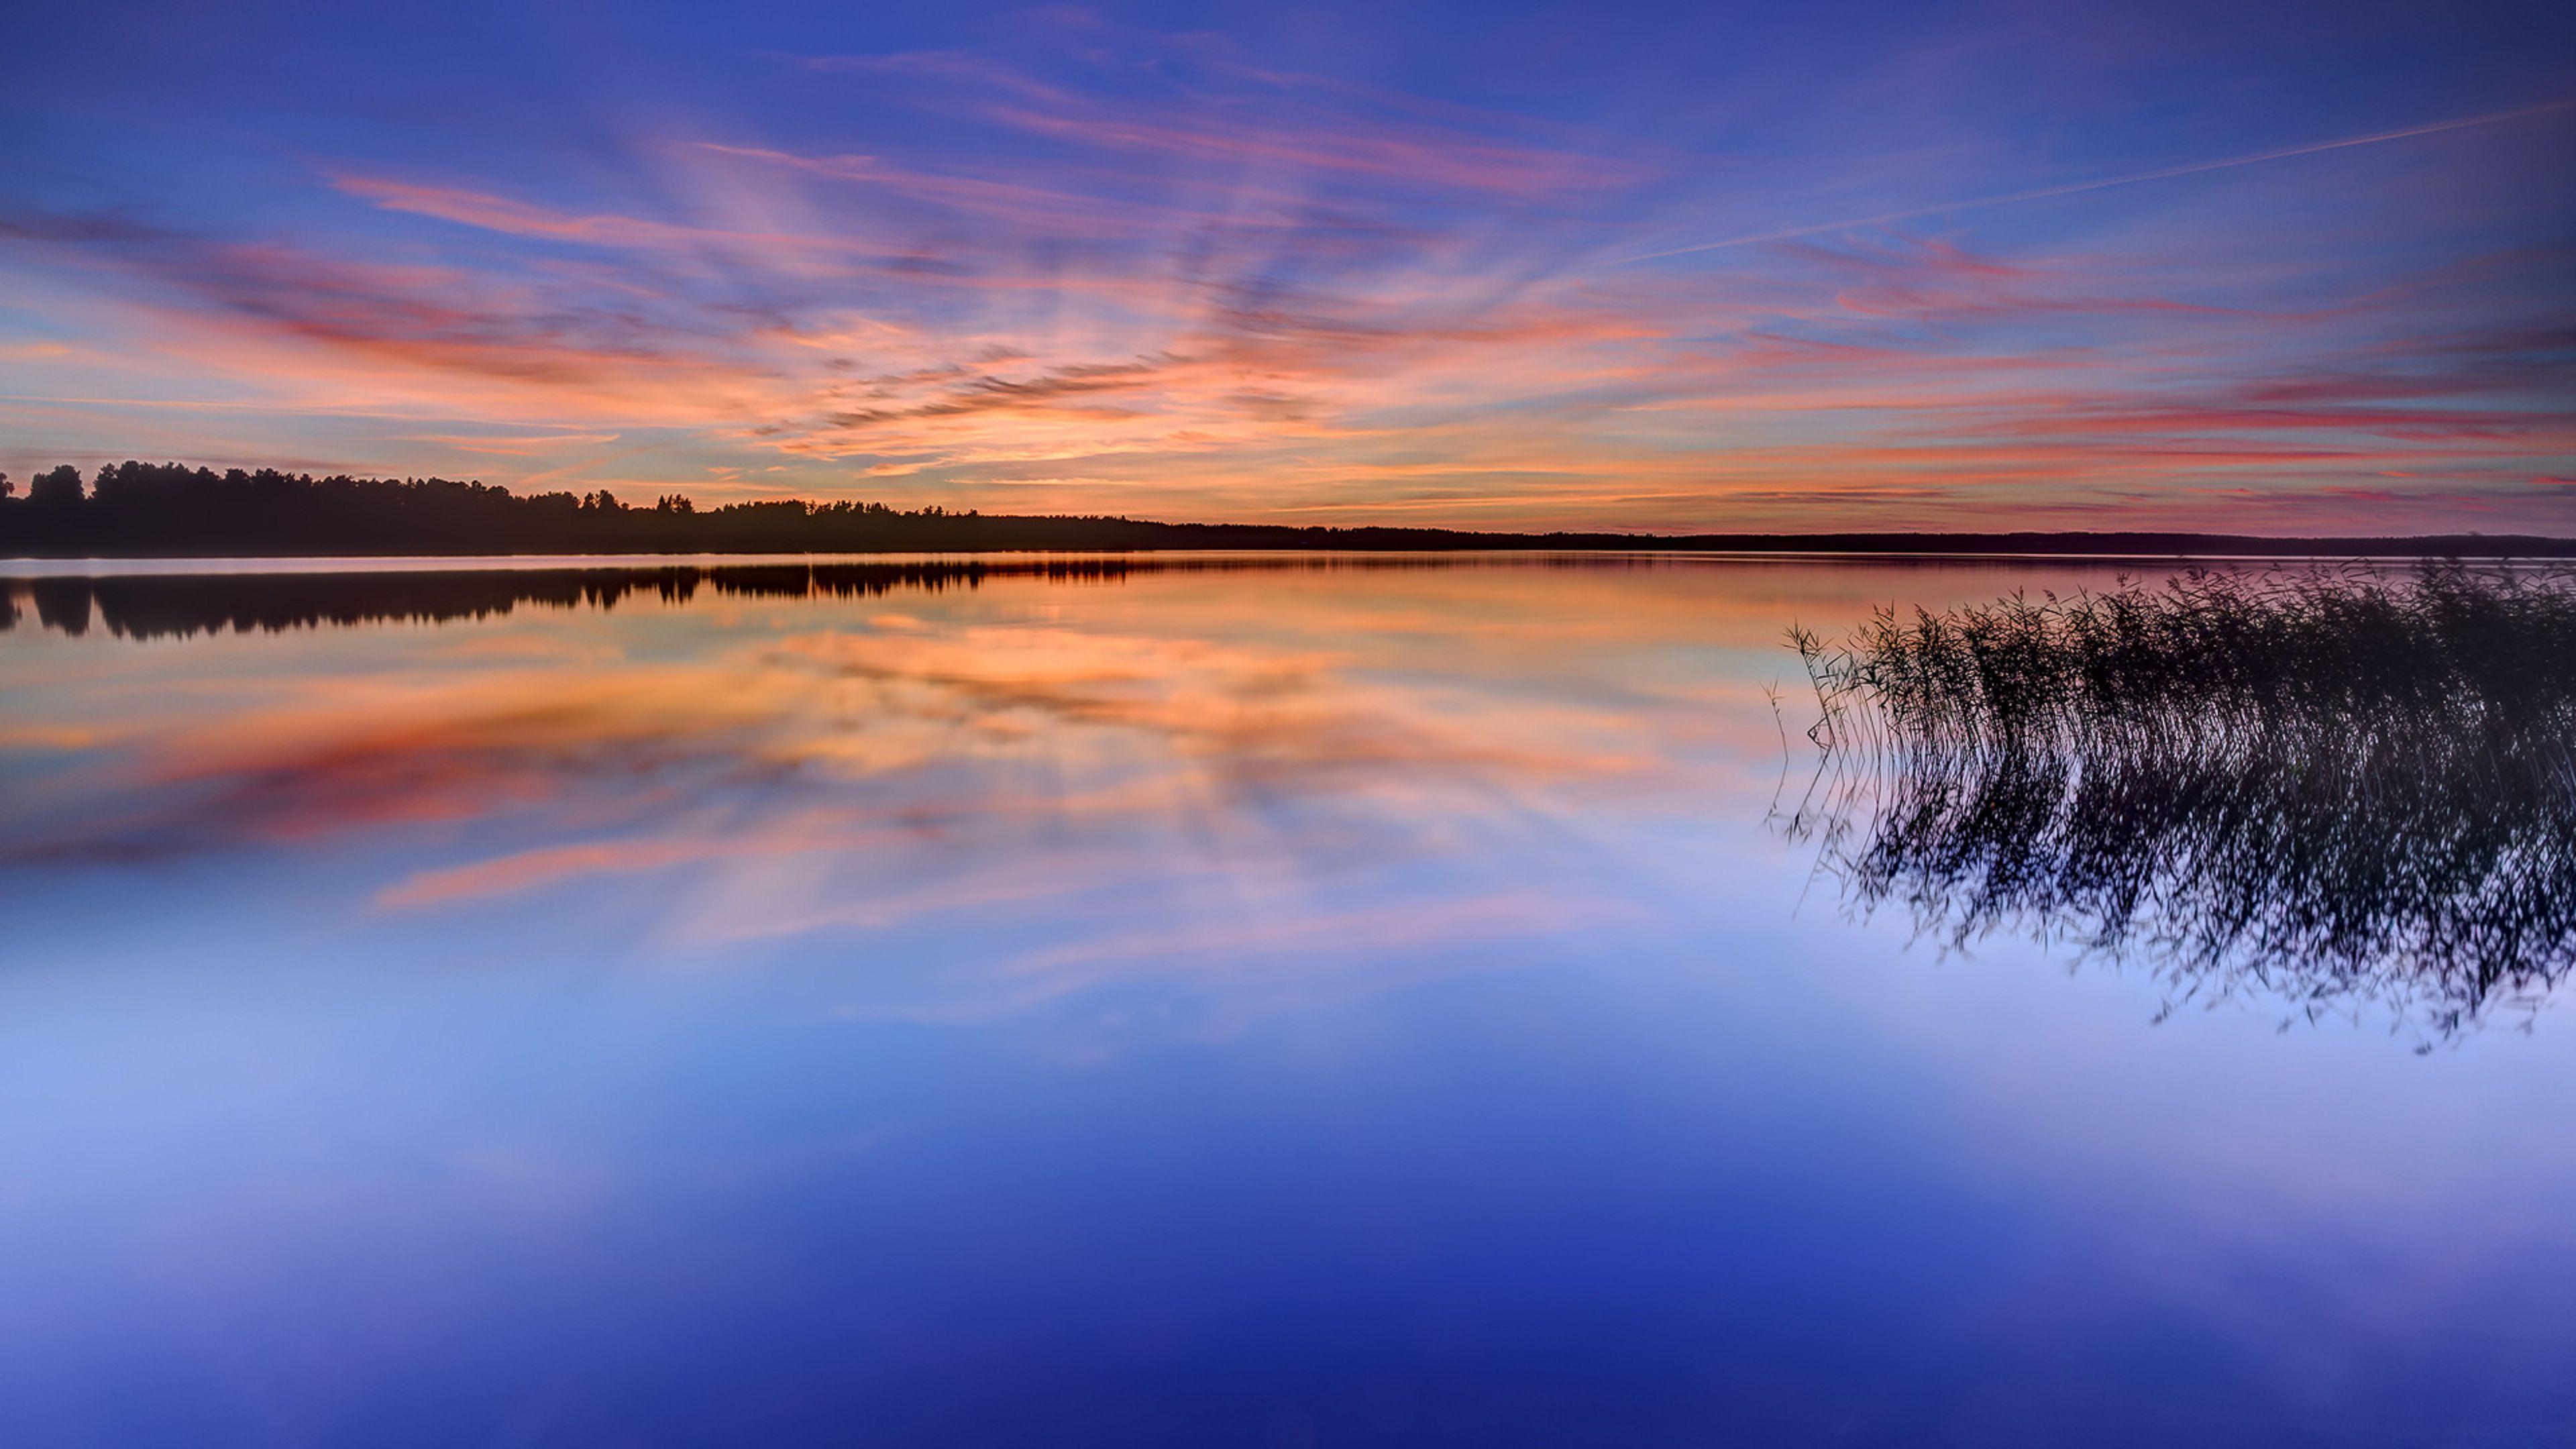 небо озеро деревья загрузить